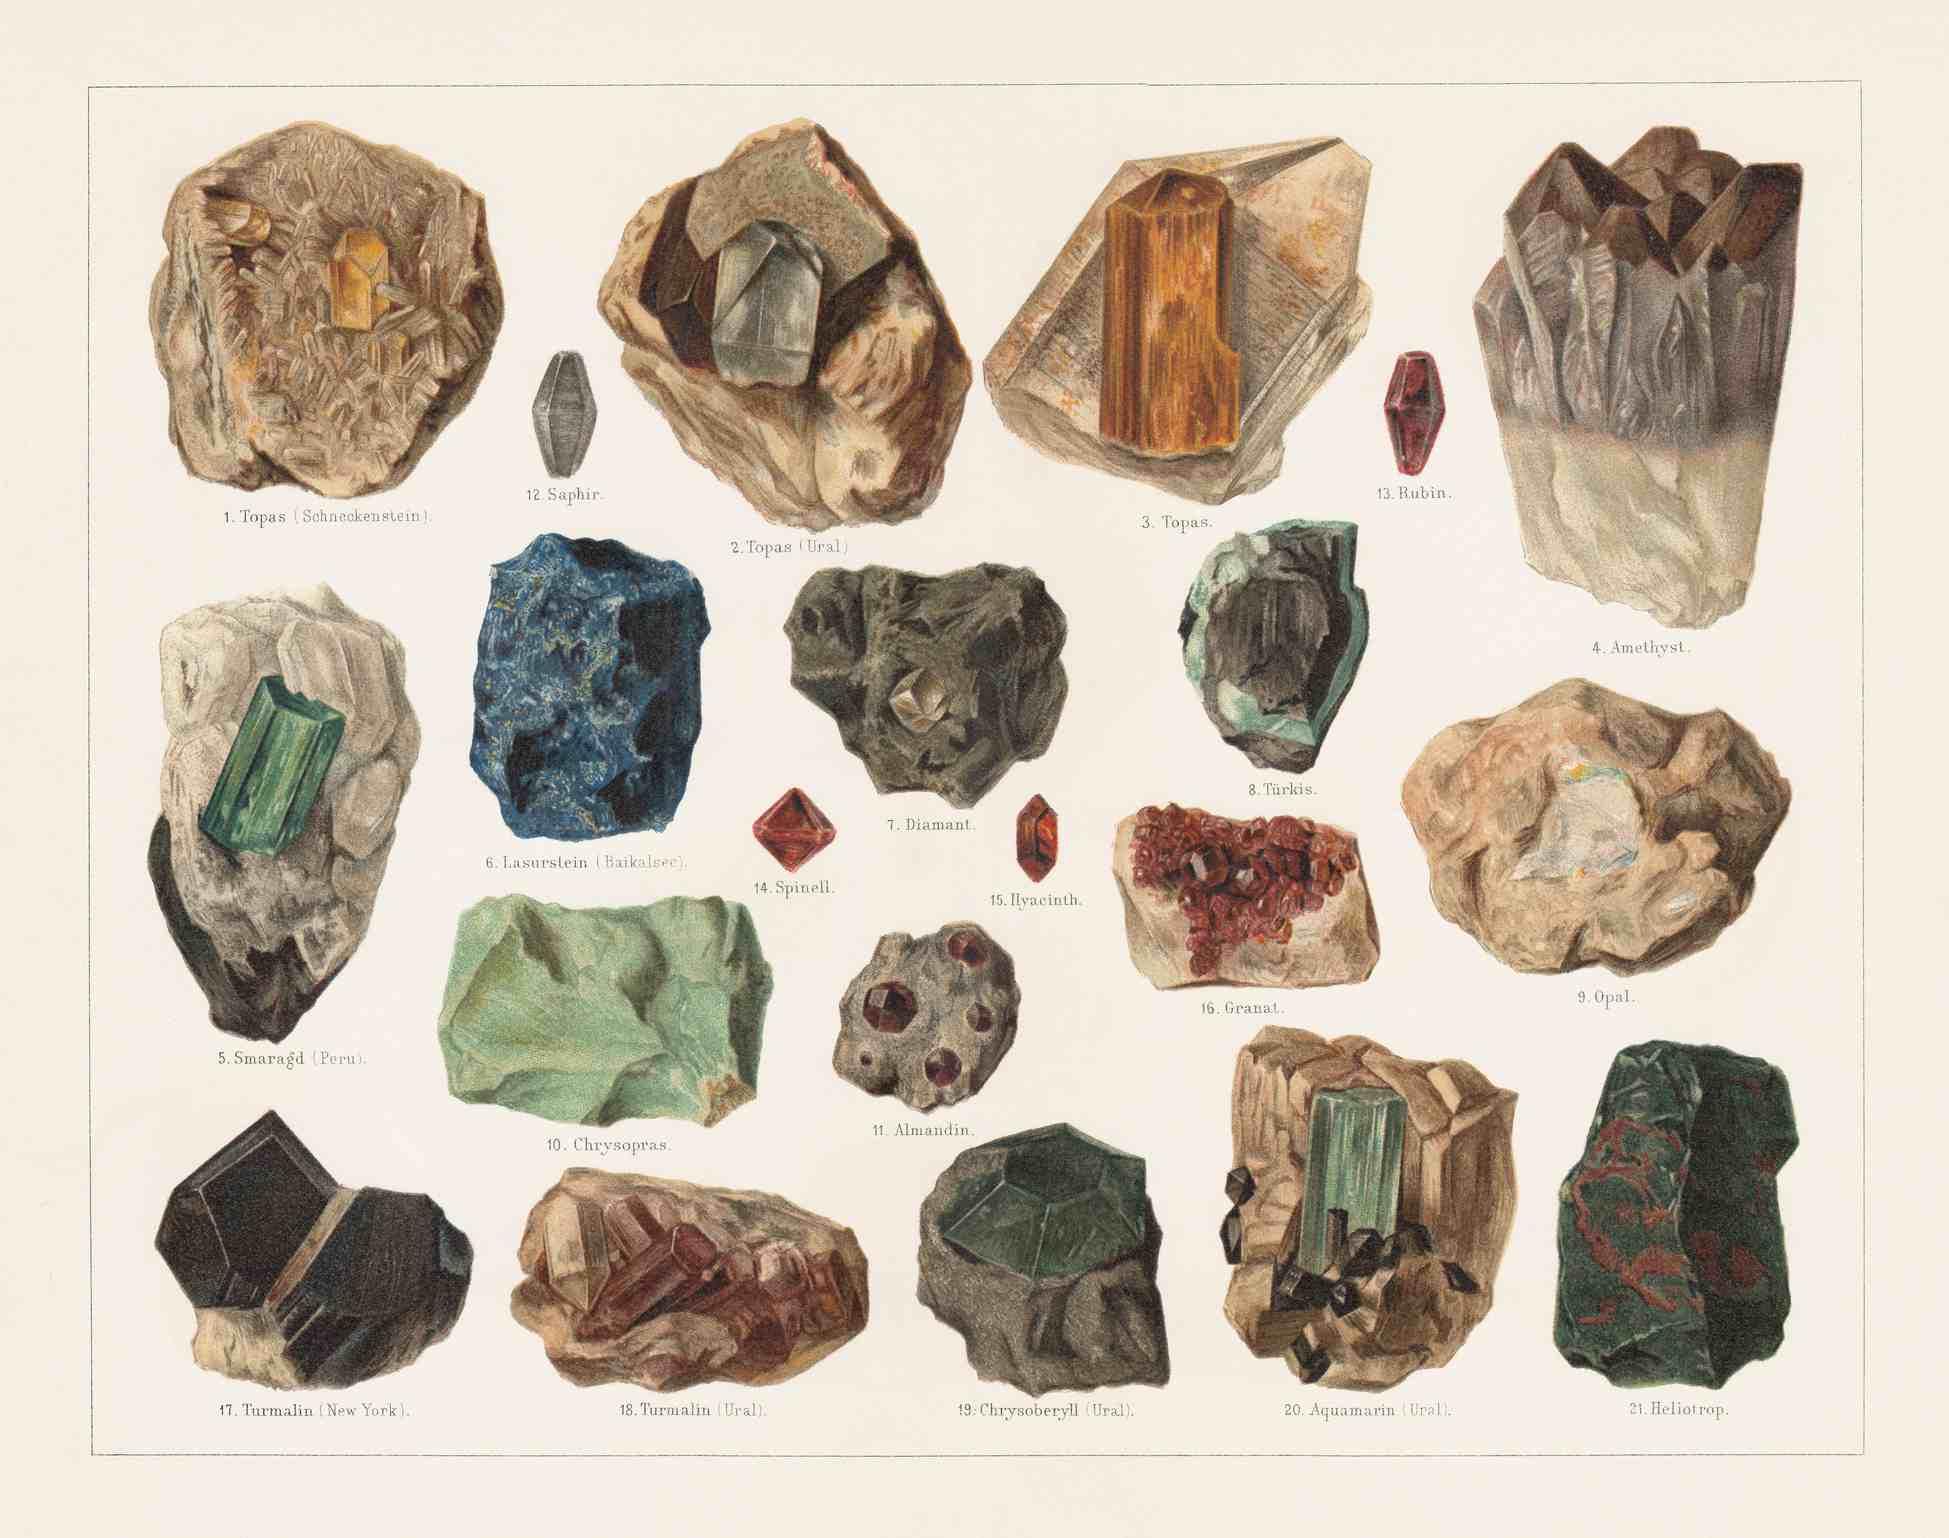 все минералы с картинками важно